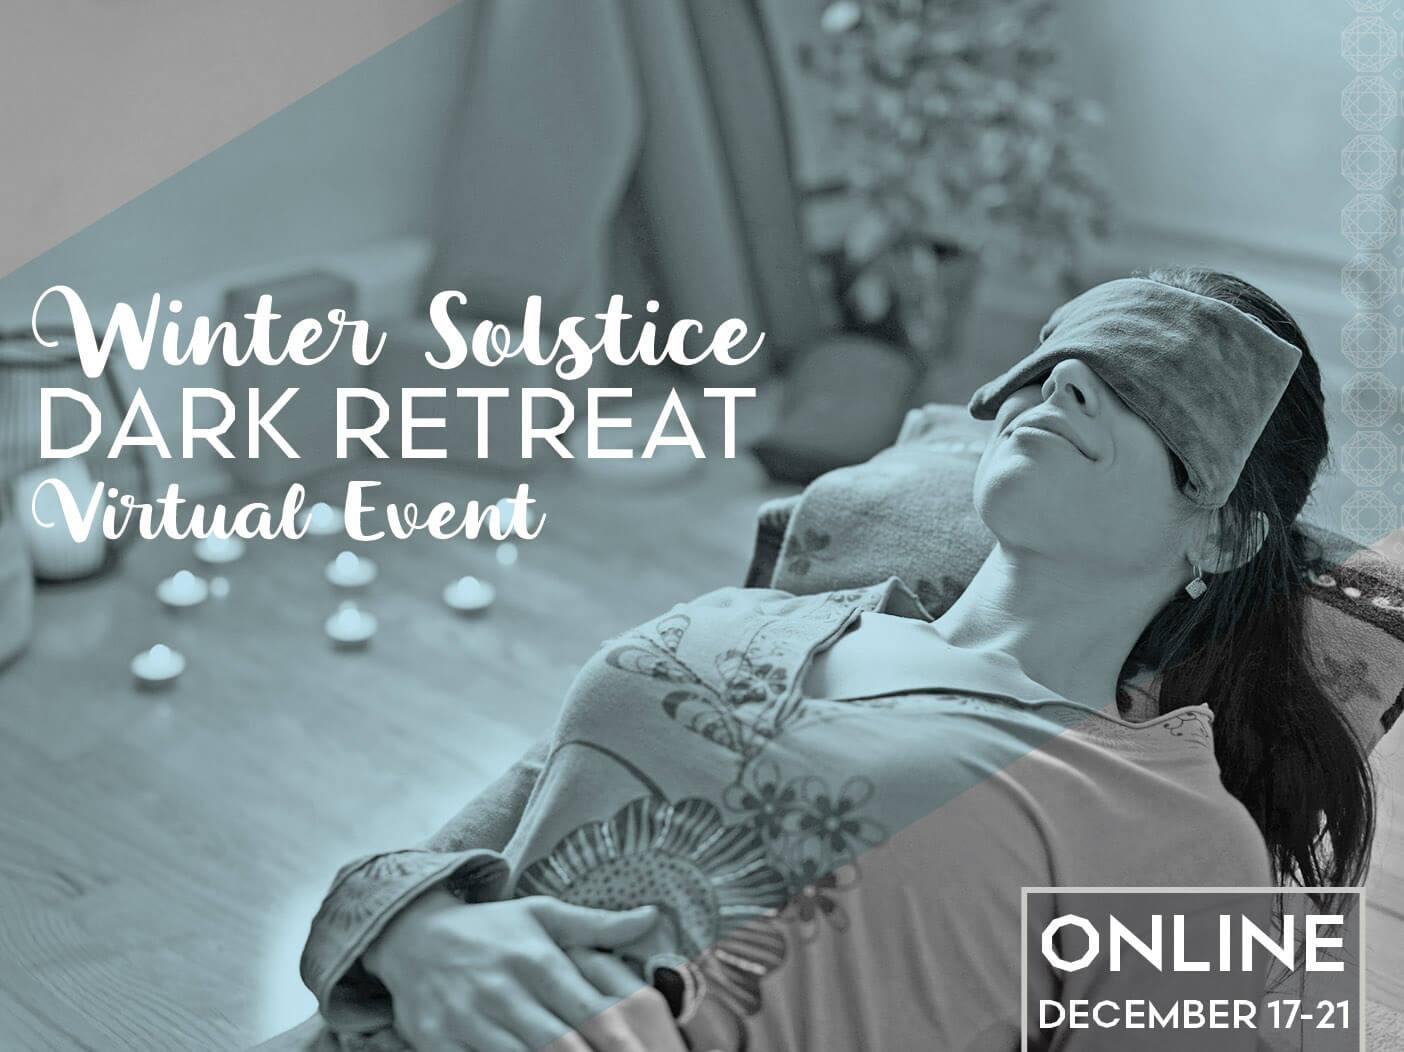 Winter Solstice Dark Retreat